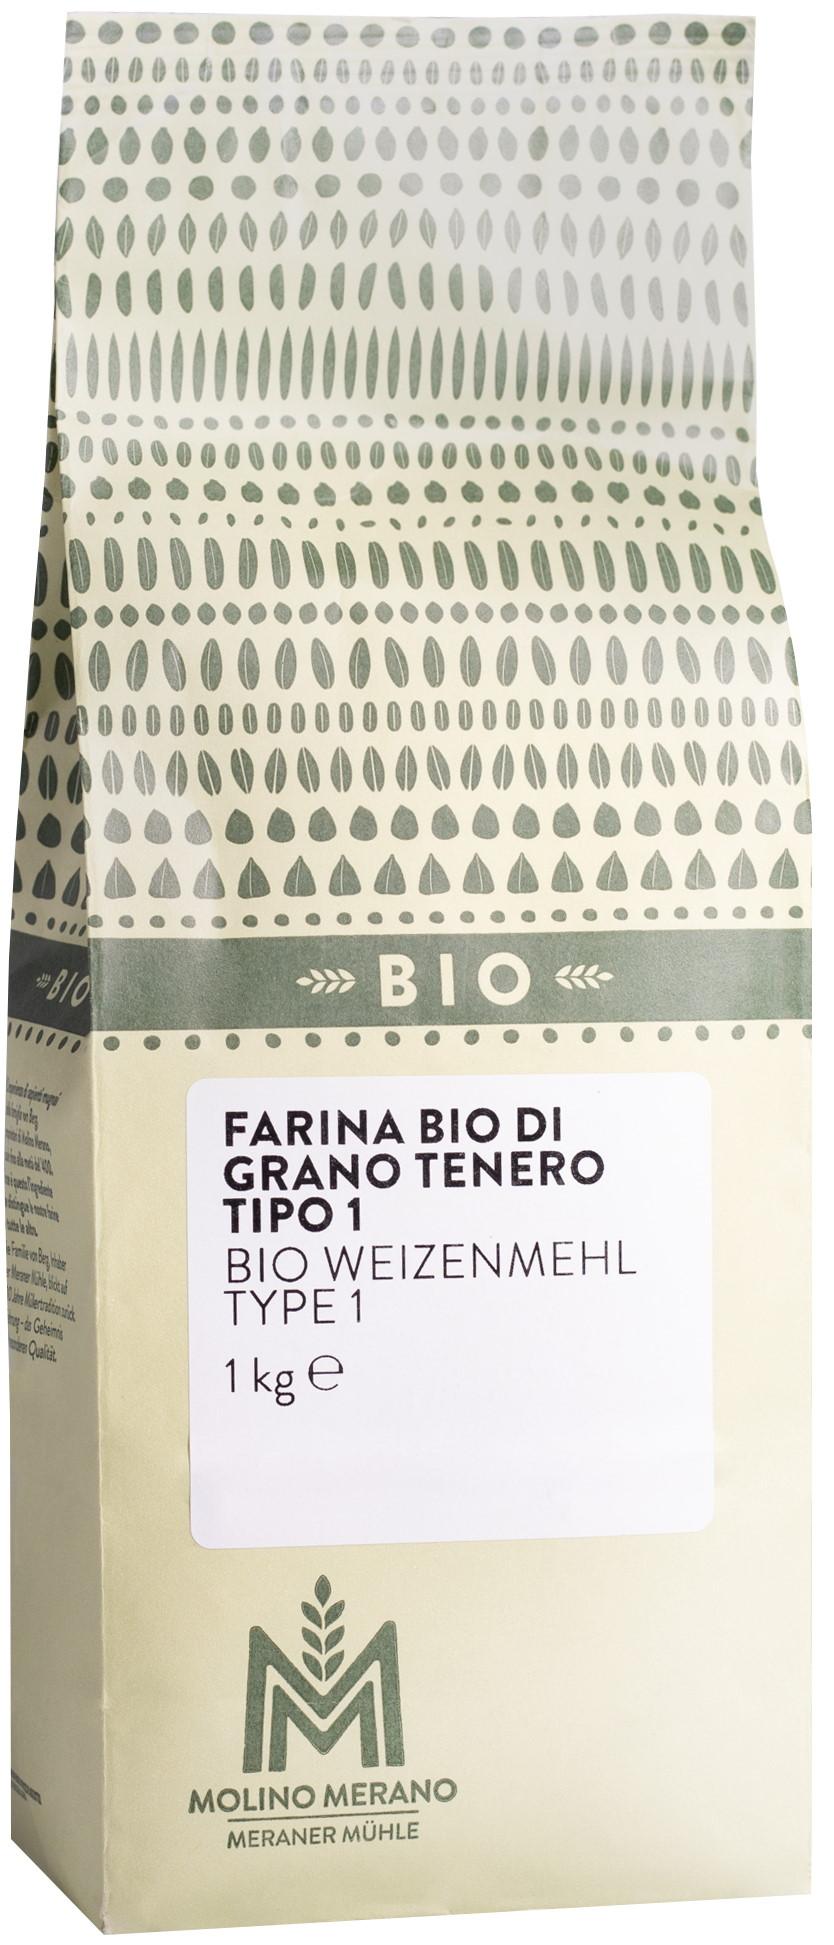 Bio Weizenmehl Type 1